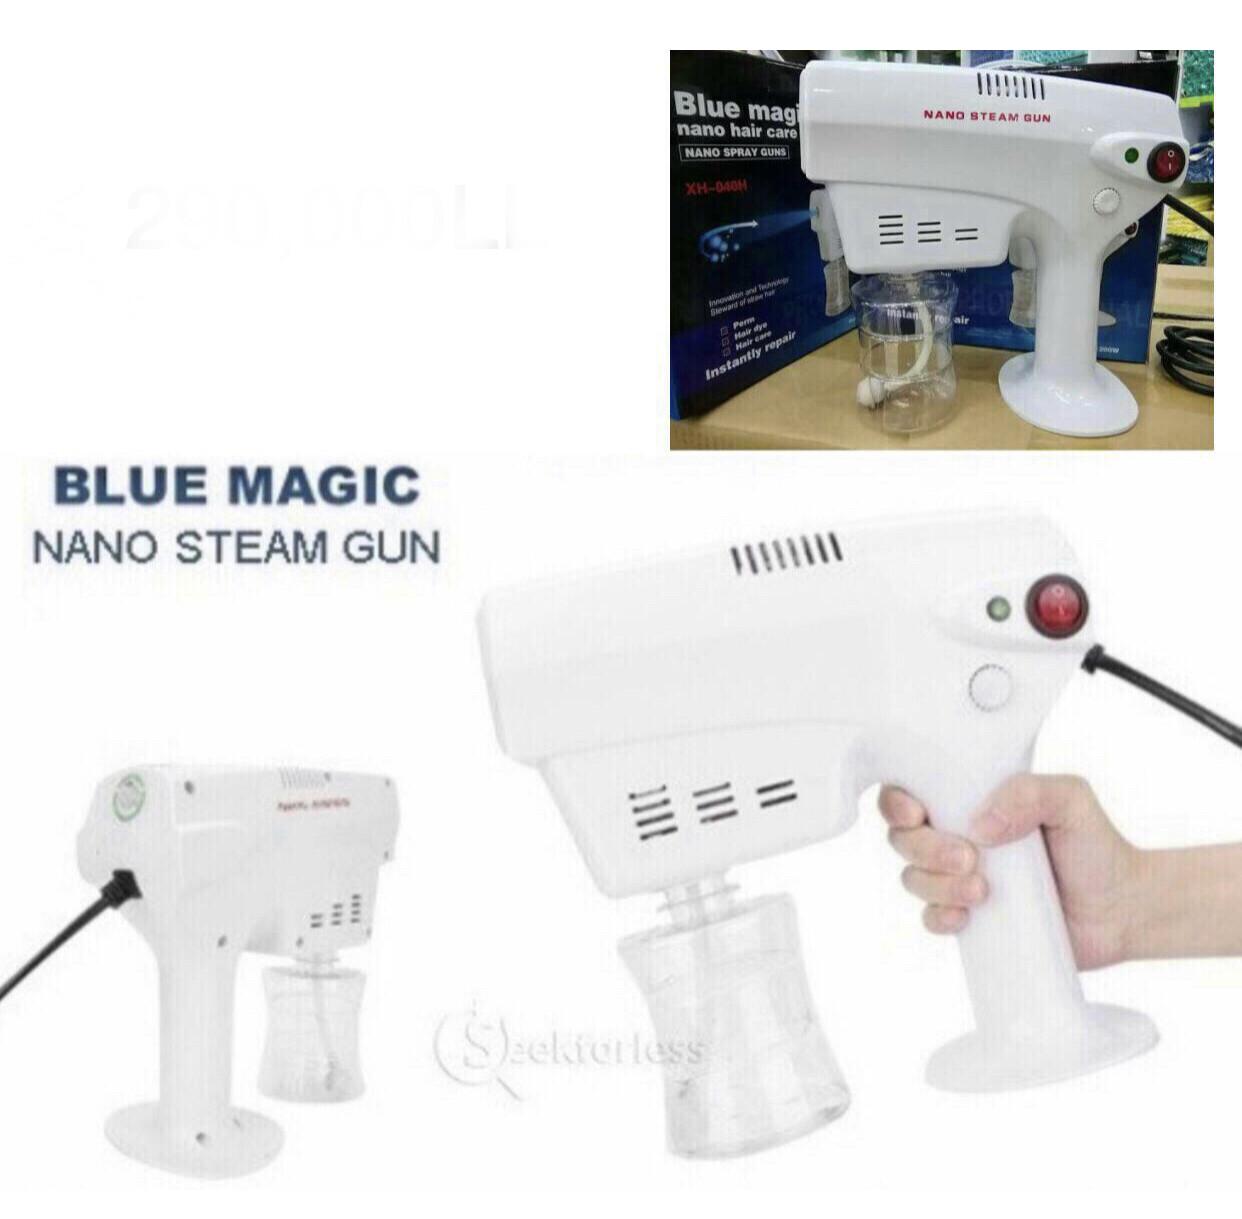 Nano Steam Gun